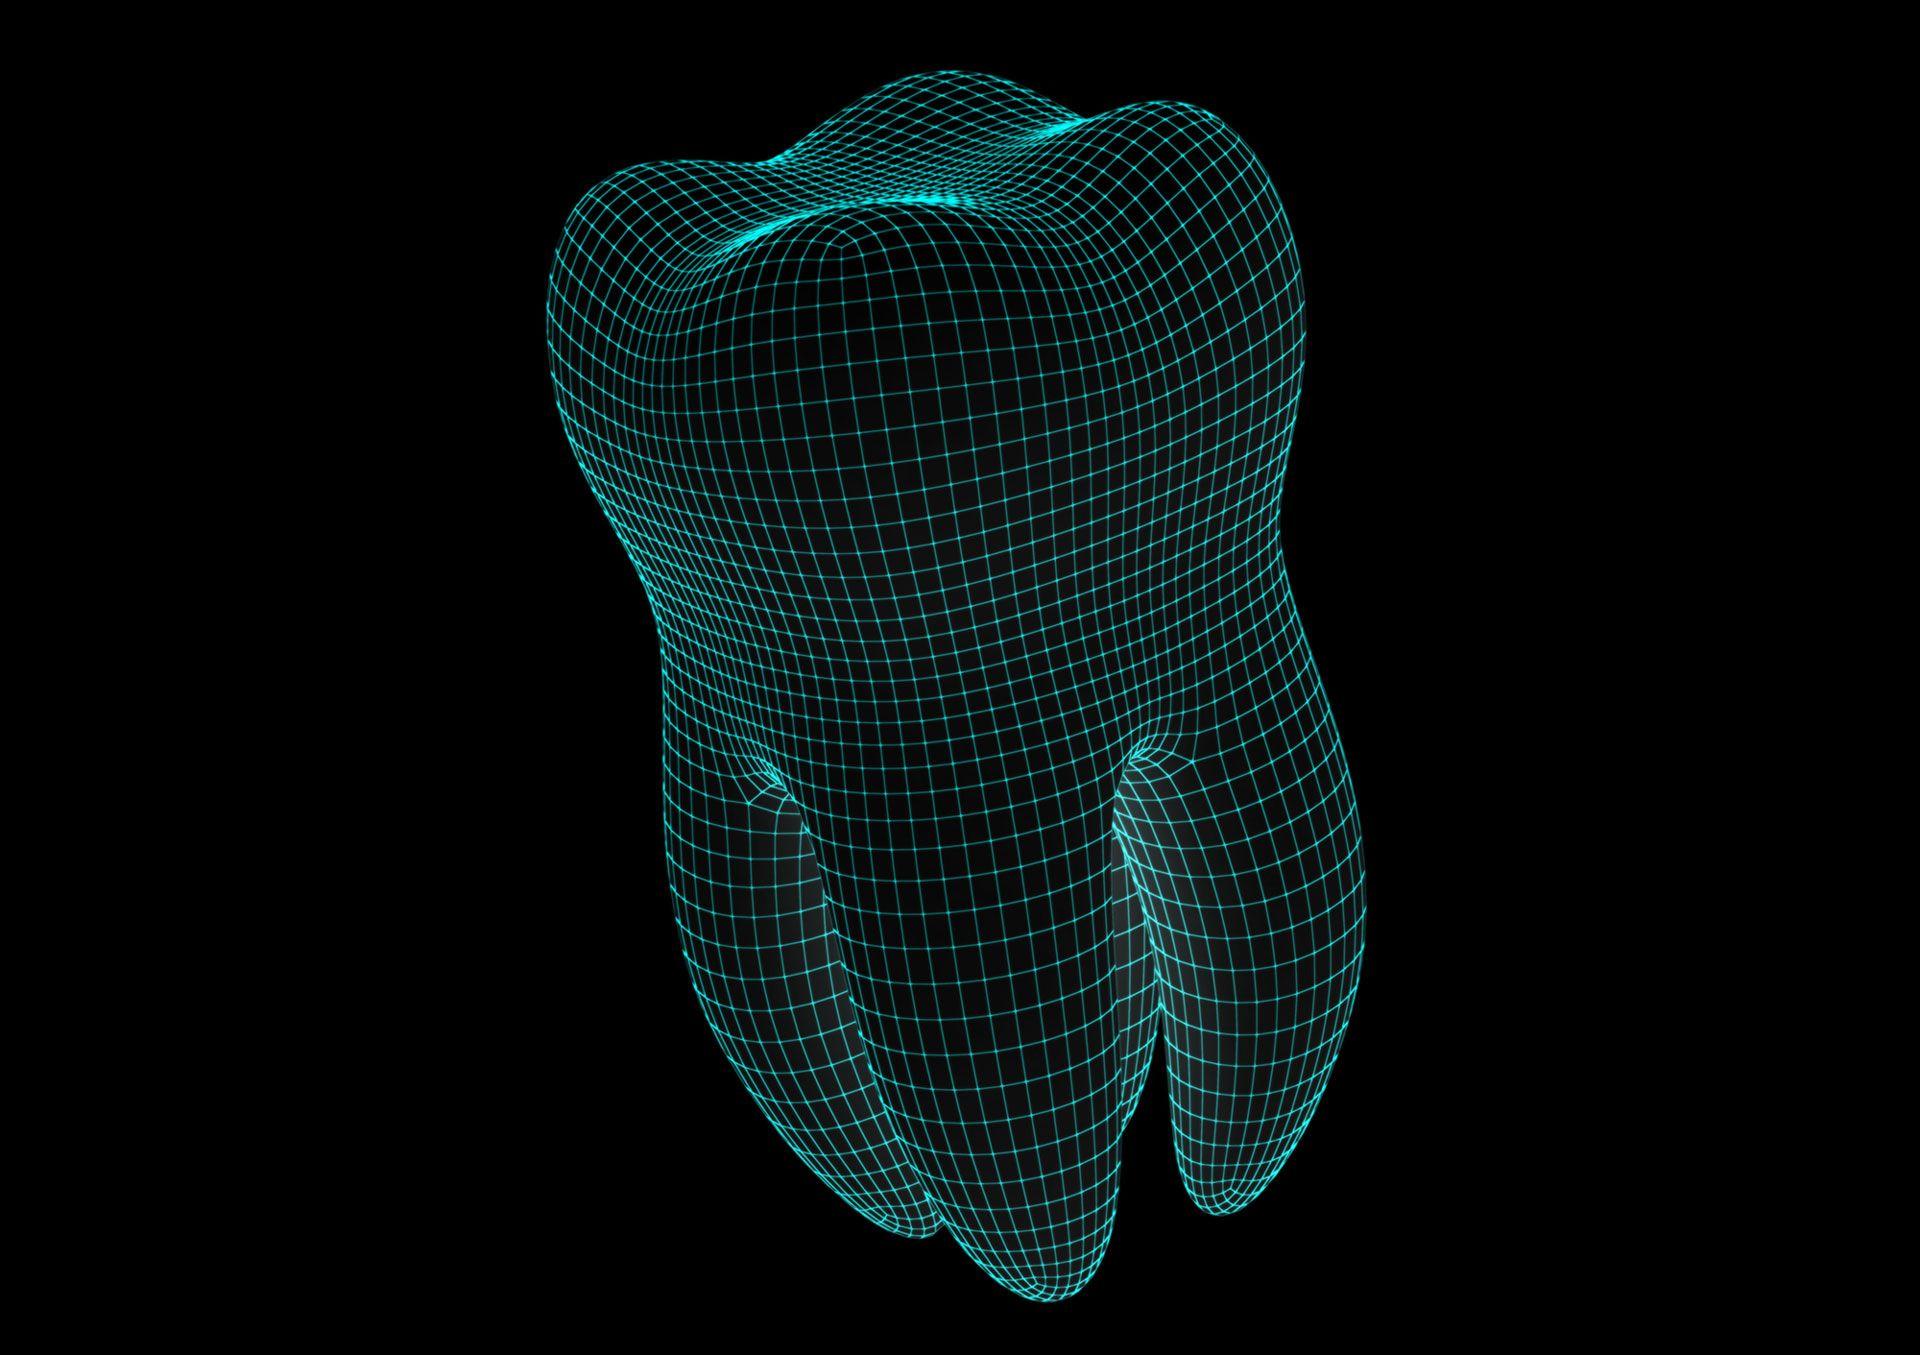 Implantes en 3d gracias a las nuevas tecnologías de impresión 3d